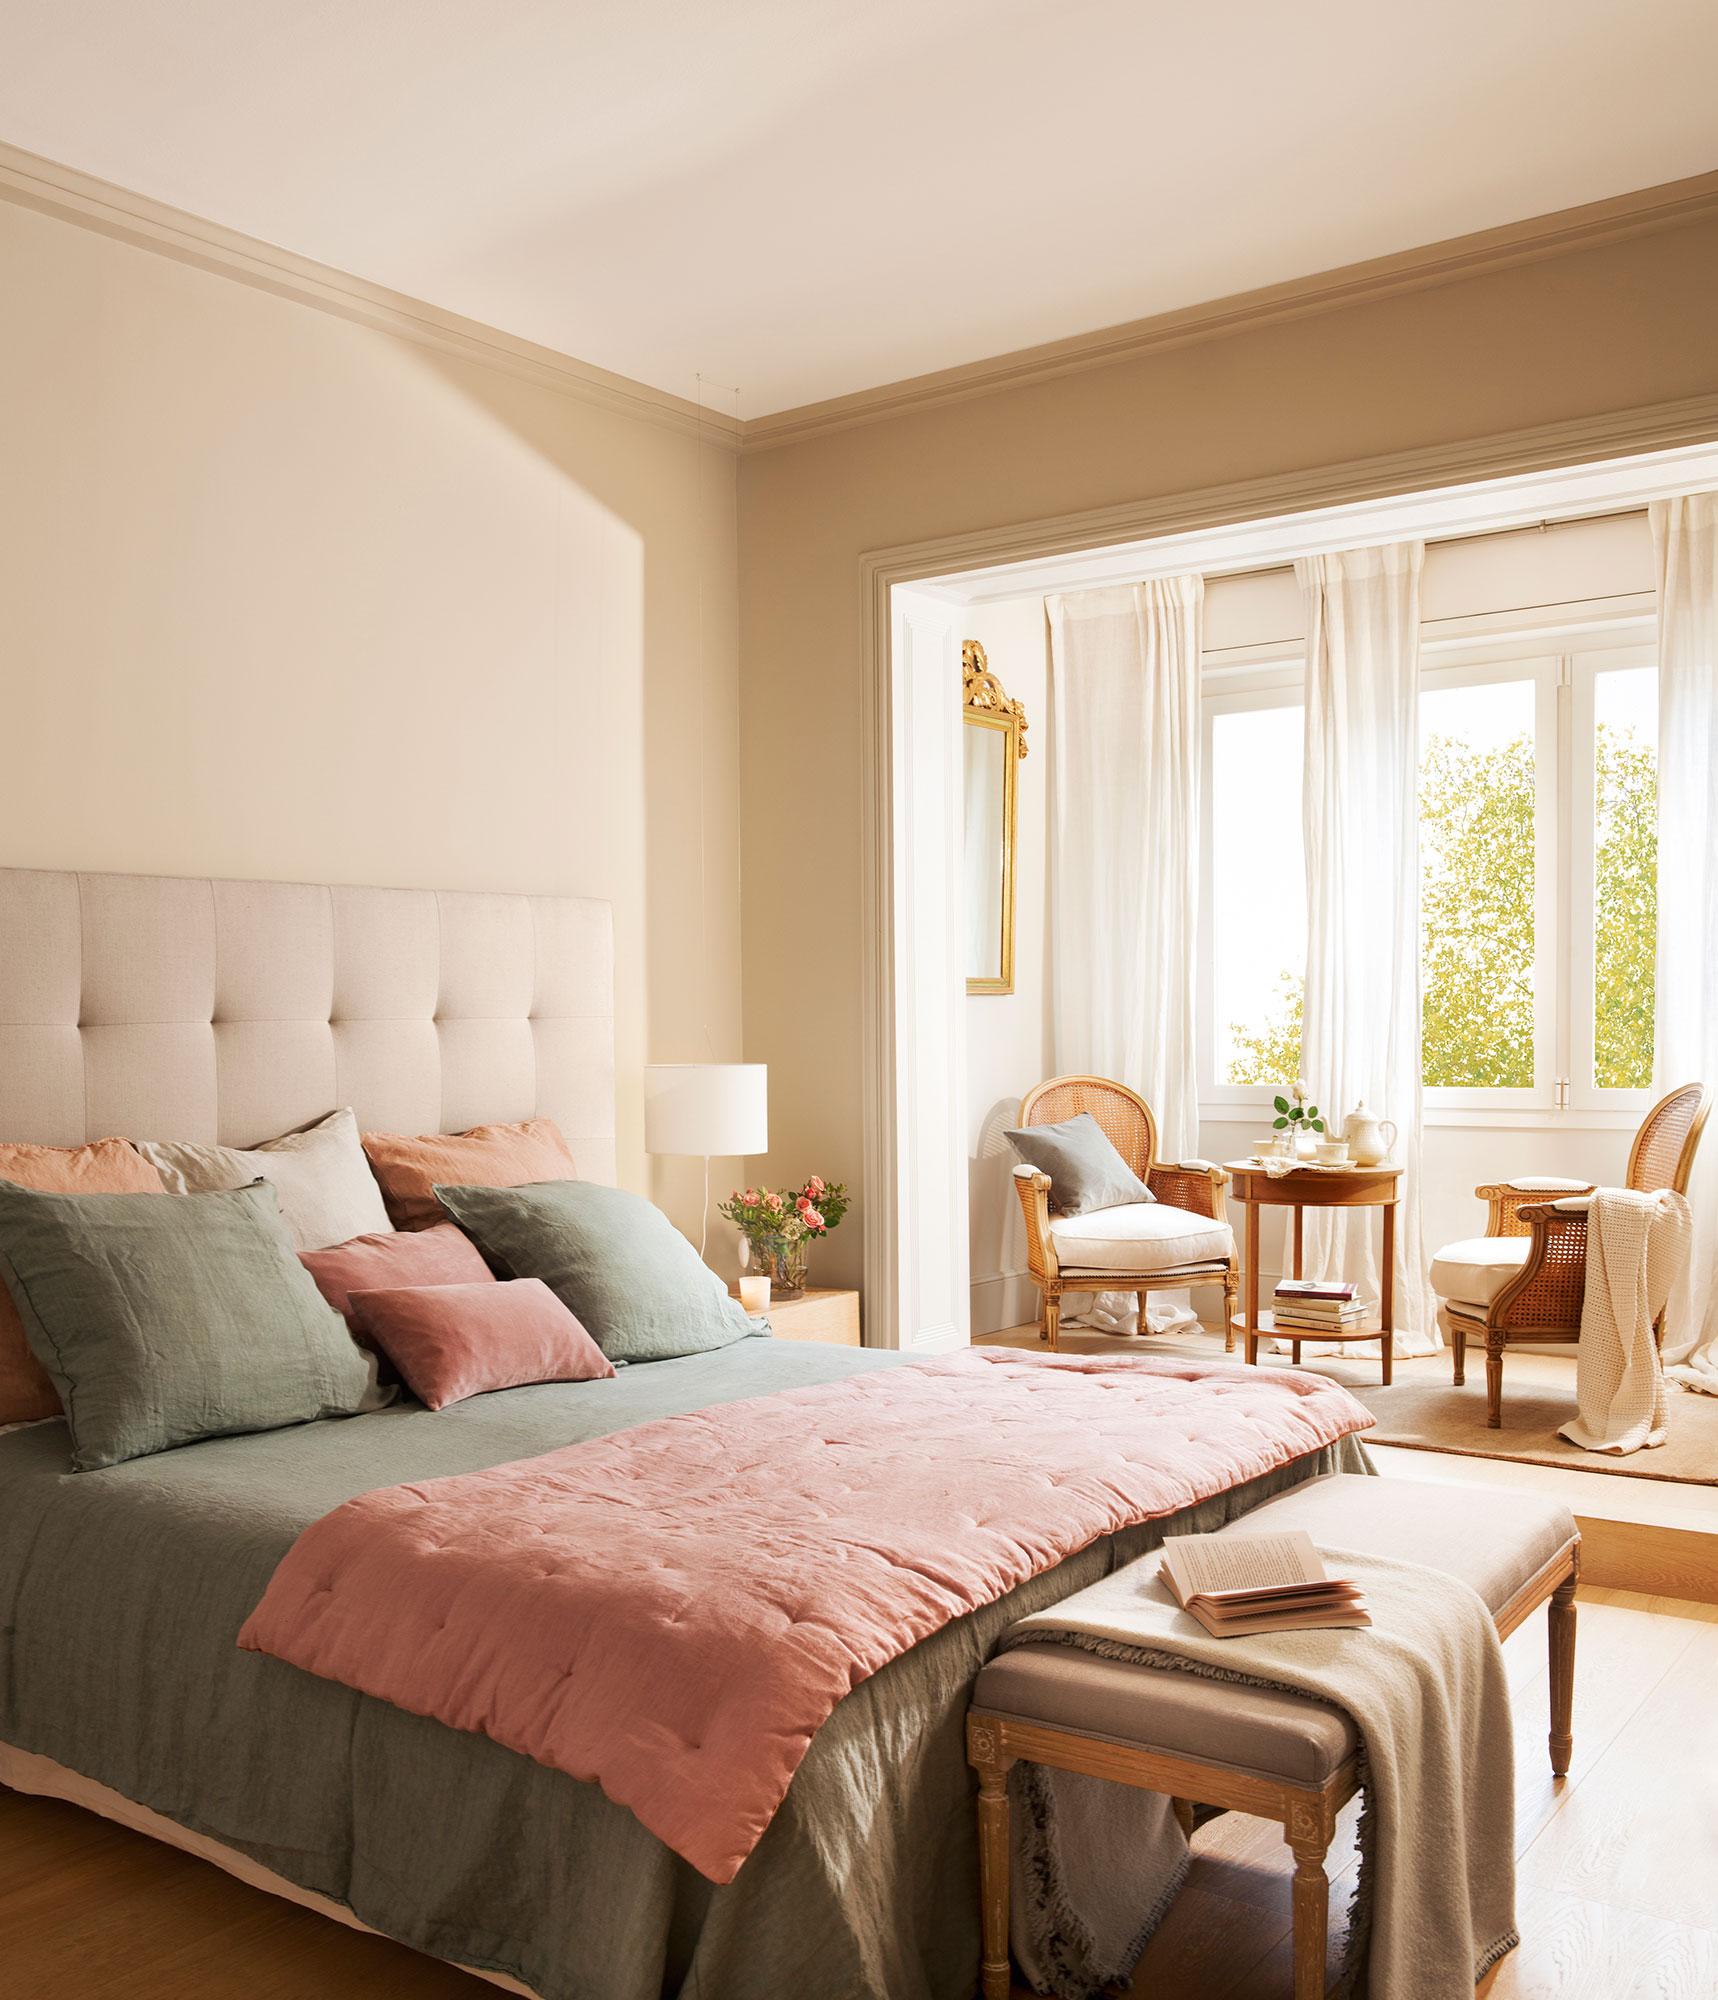 20 dormitorios con muchas ideas for Decoracion de habitaciones principales